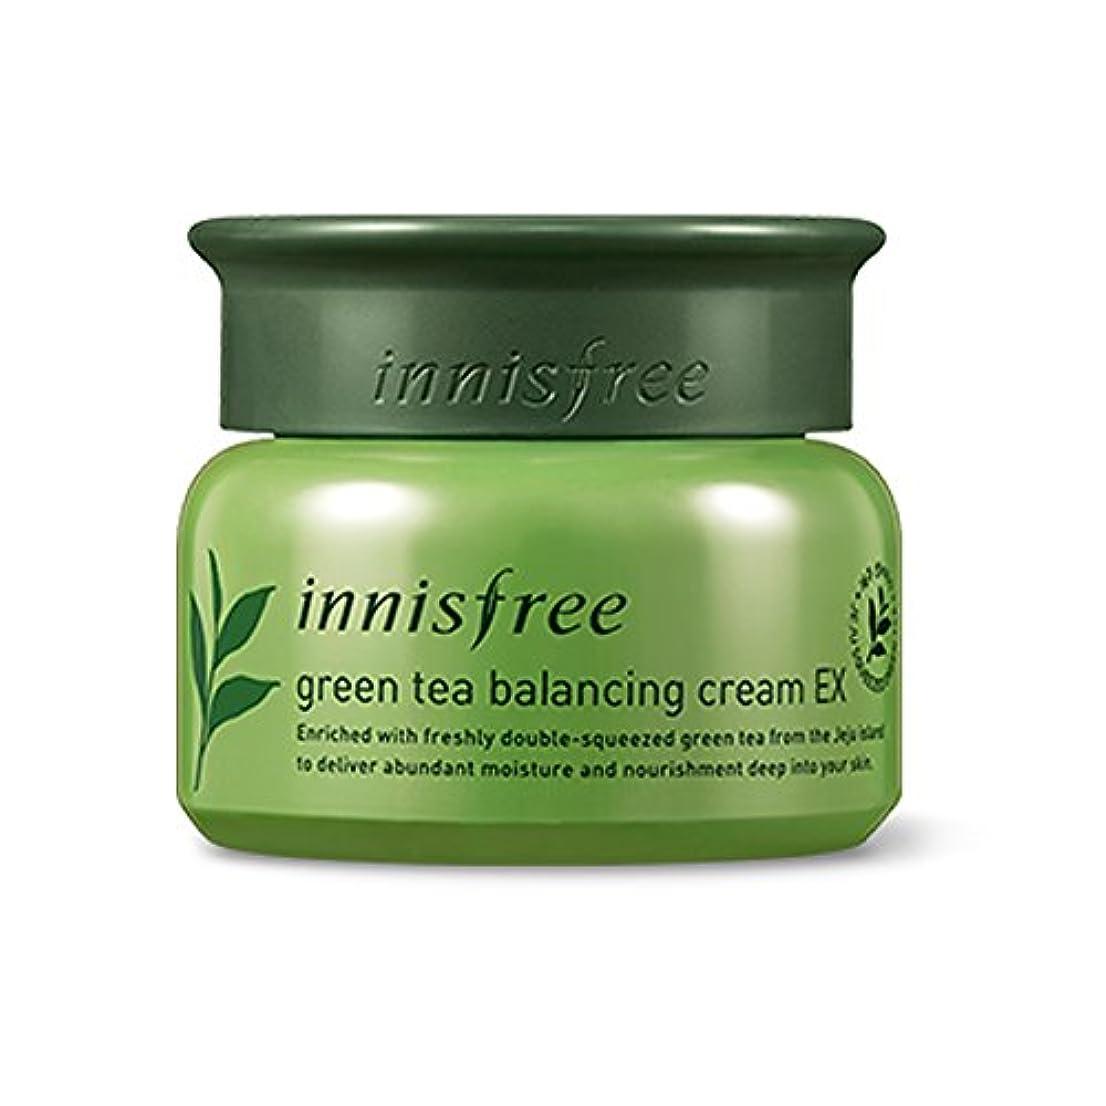 同時潜む道イニスフリーグリーンティーバランスクリーム50ml「2018新製品」 Innisfree Green Tea Balancing Cream 50ml